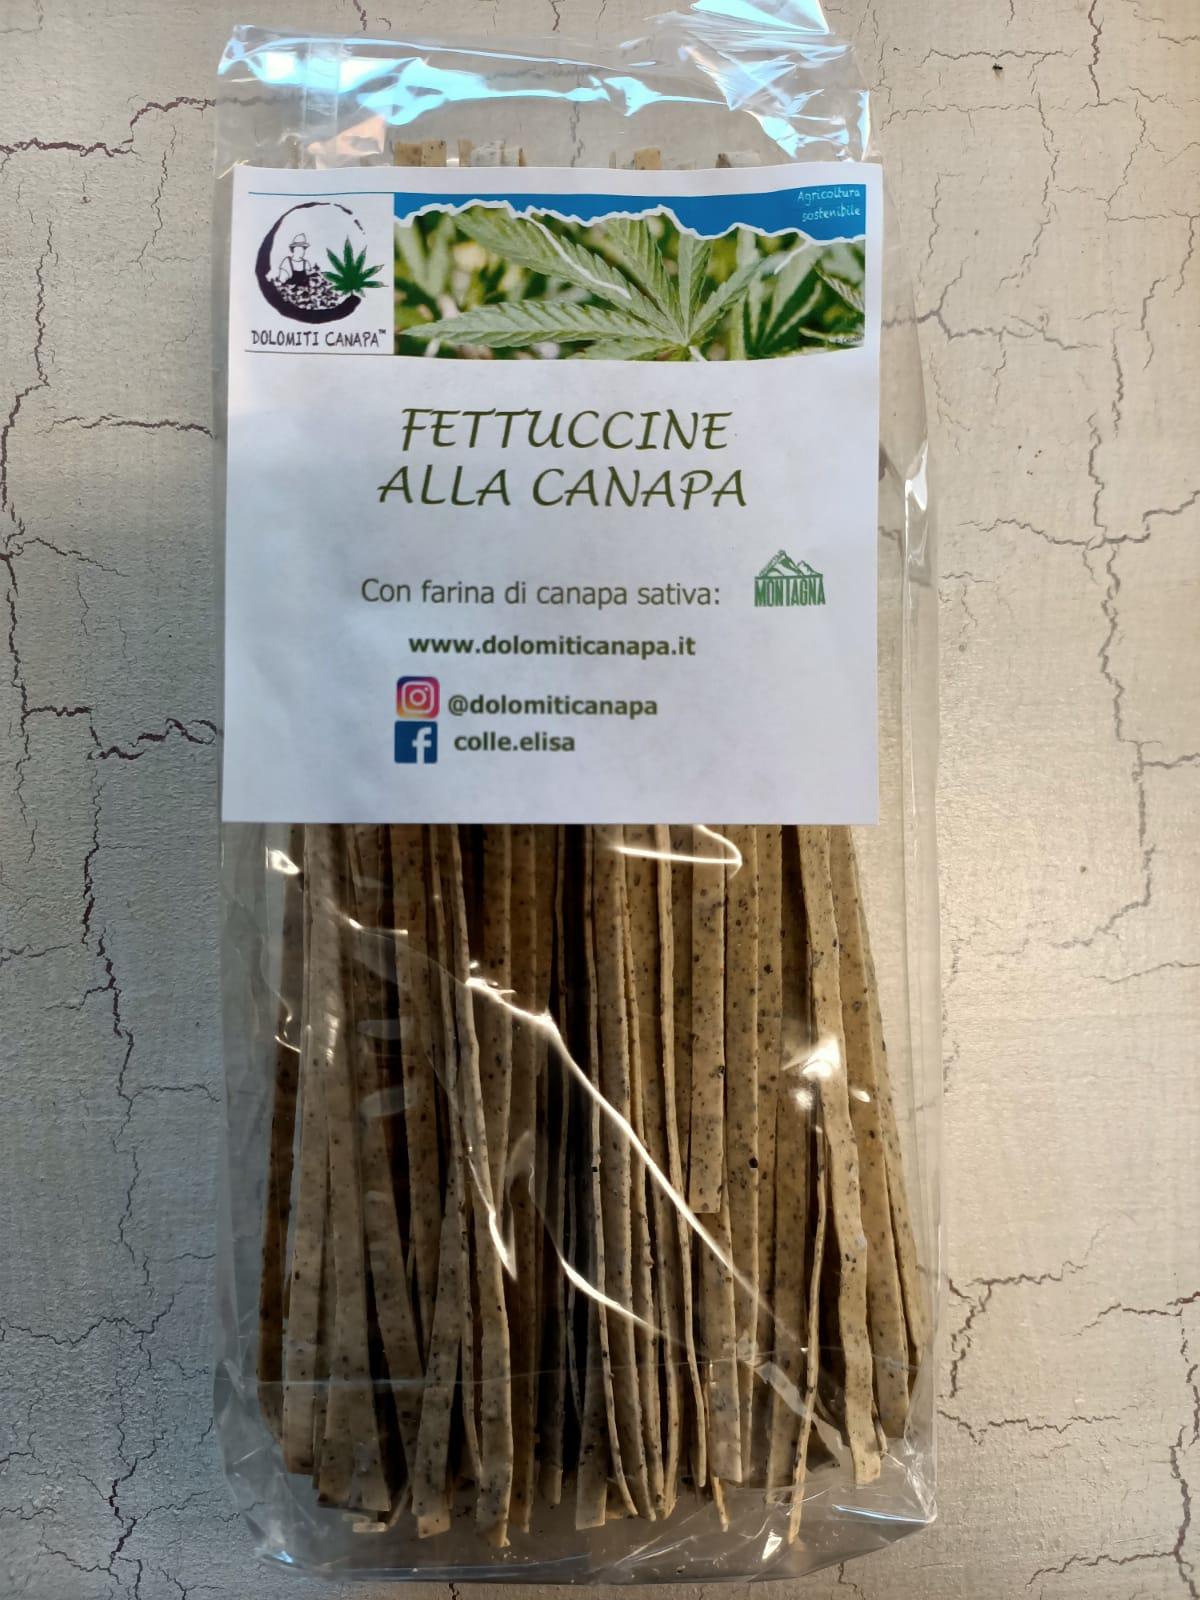 Image of Fettuccine alla Canapa-Specialità alla Canapa Colle Elisa